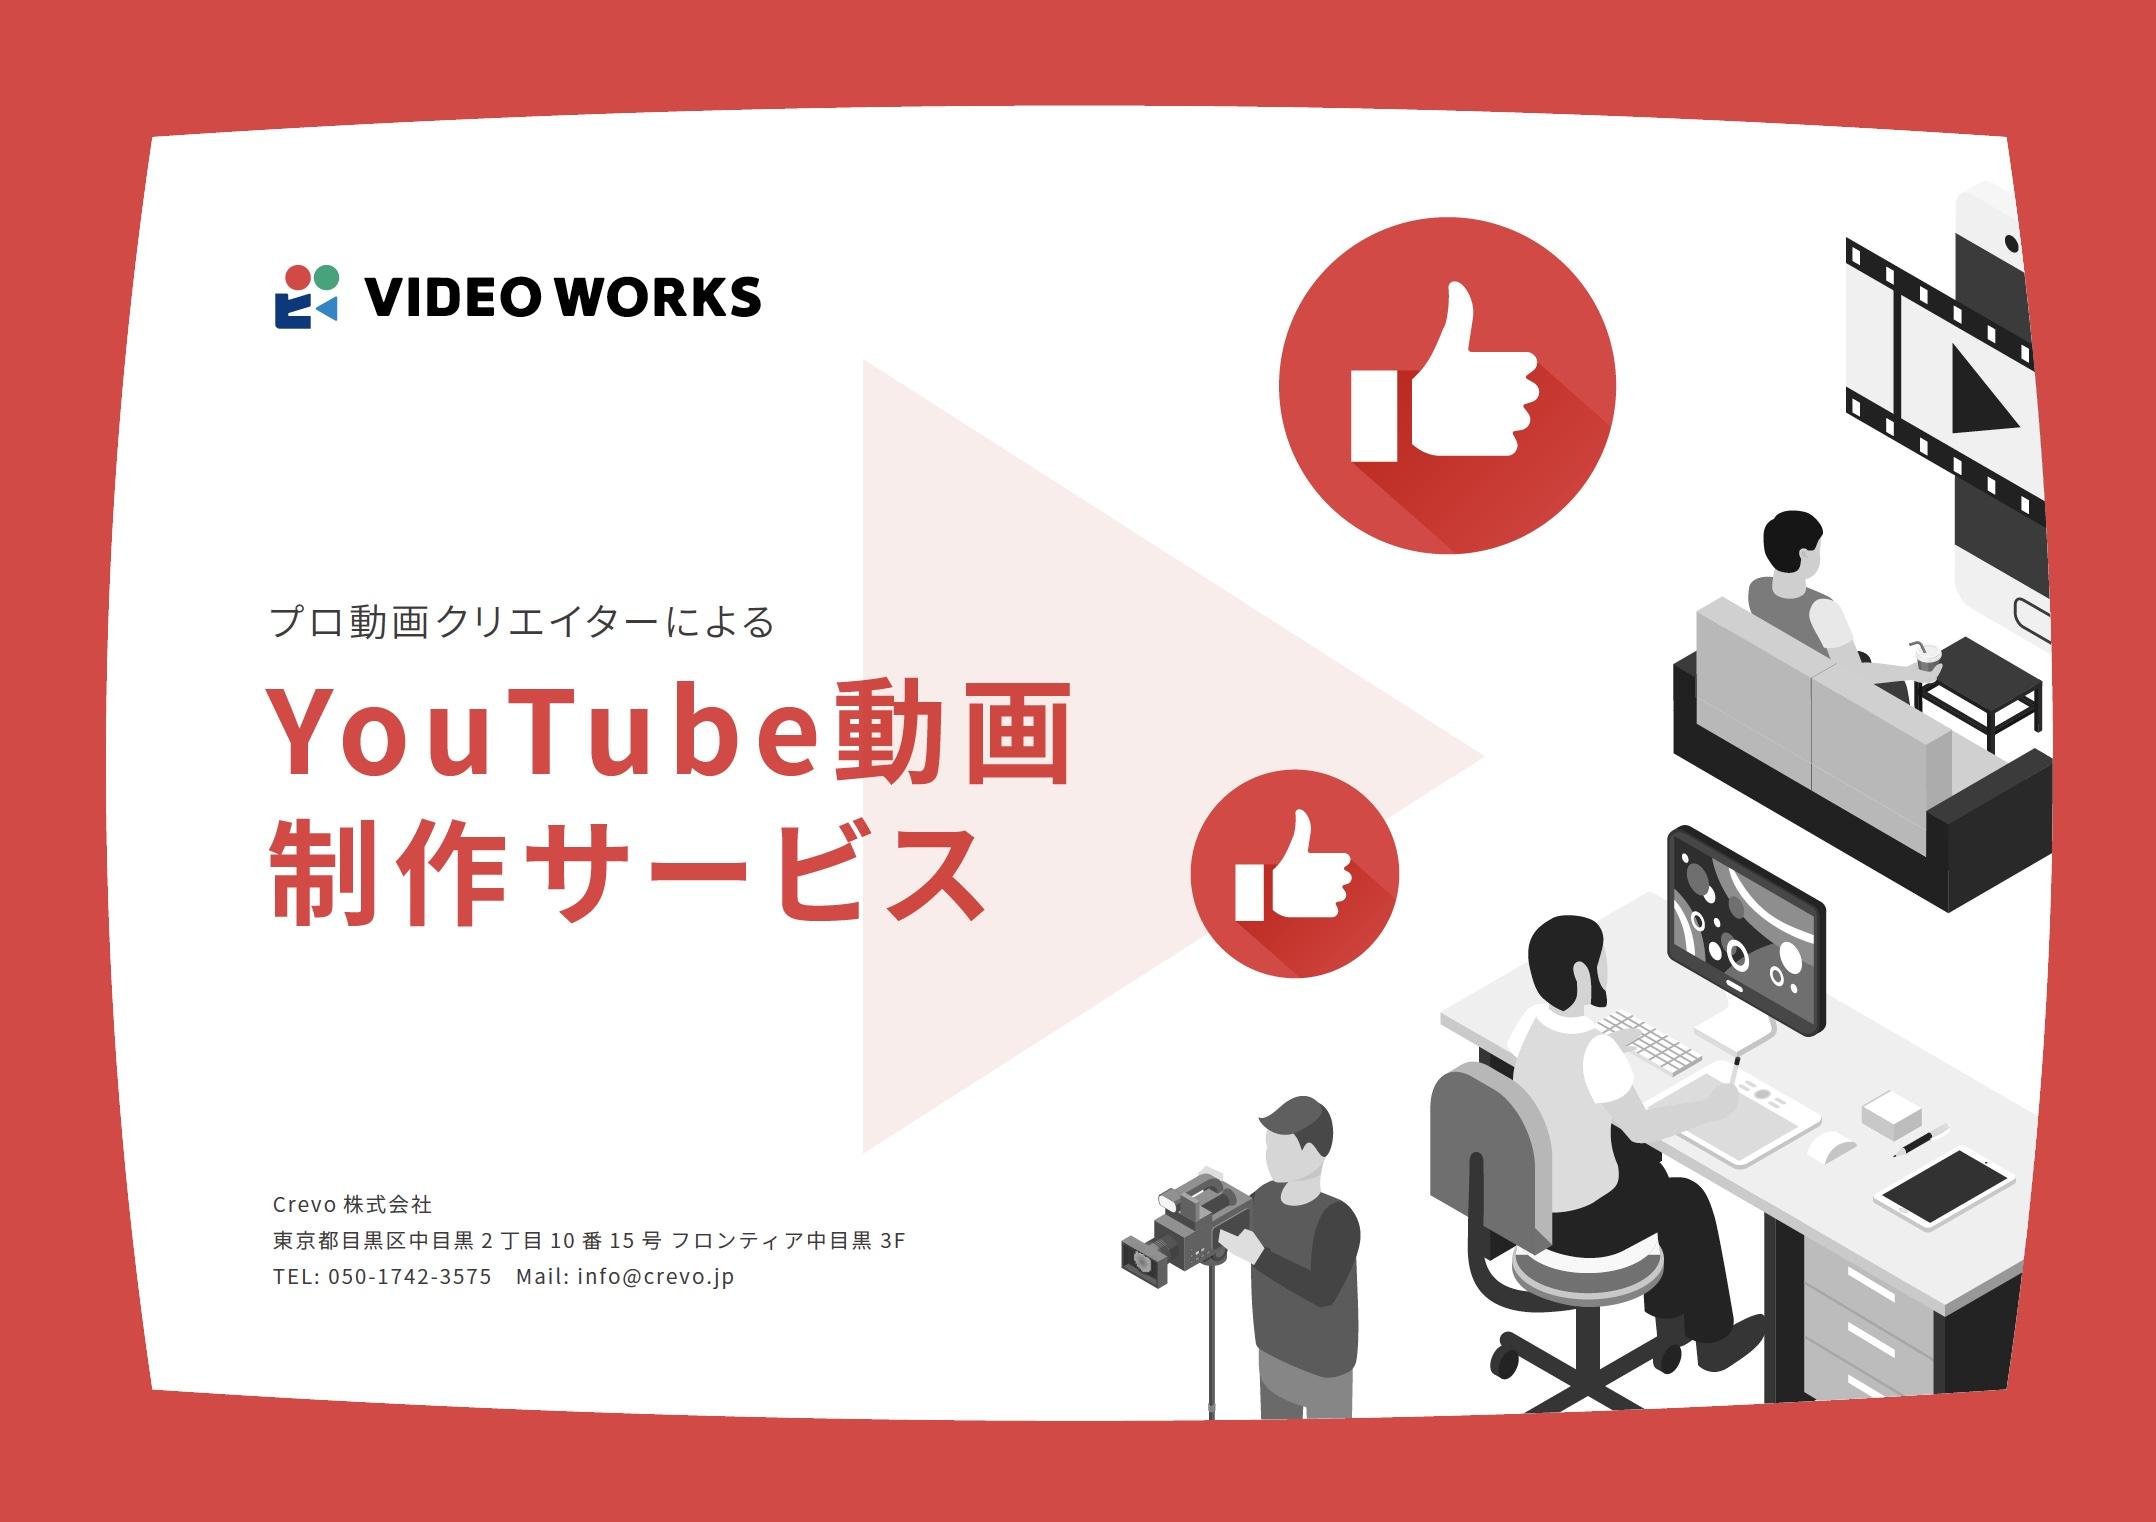 プロ動画クリエイターによる YouTube動画制作サービス